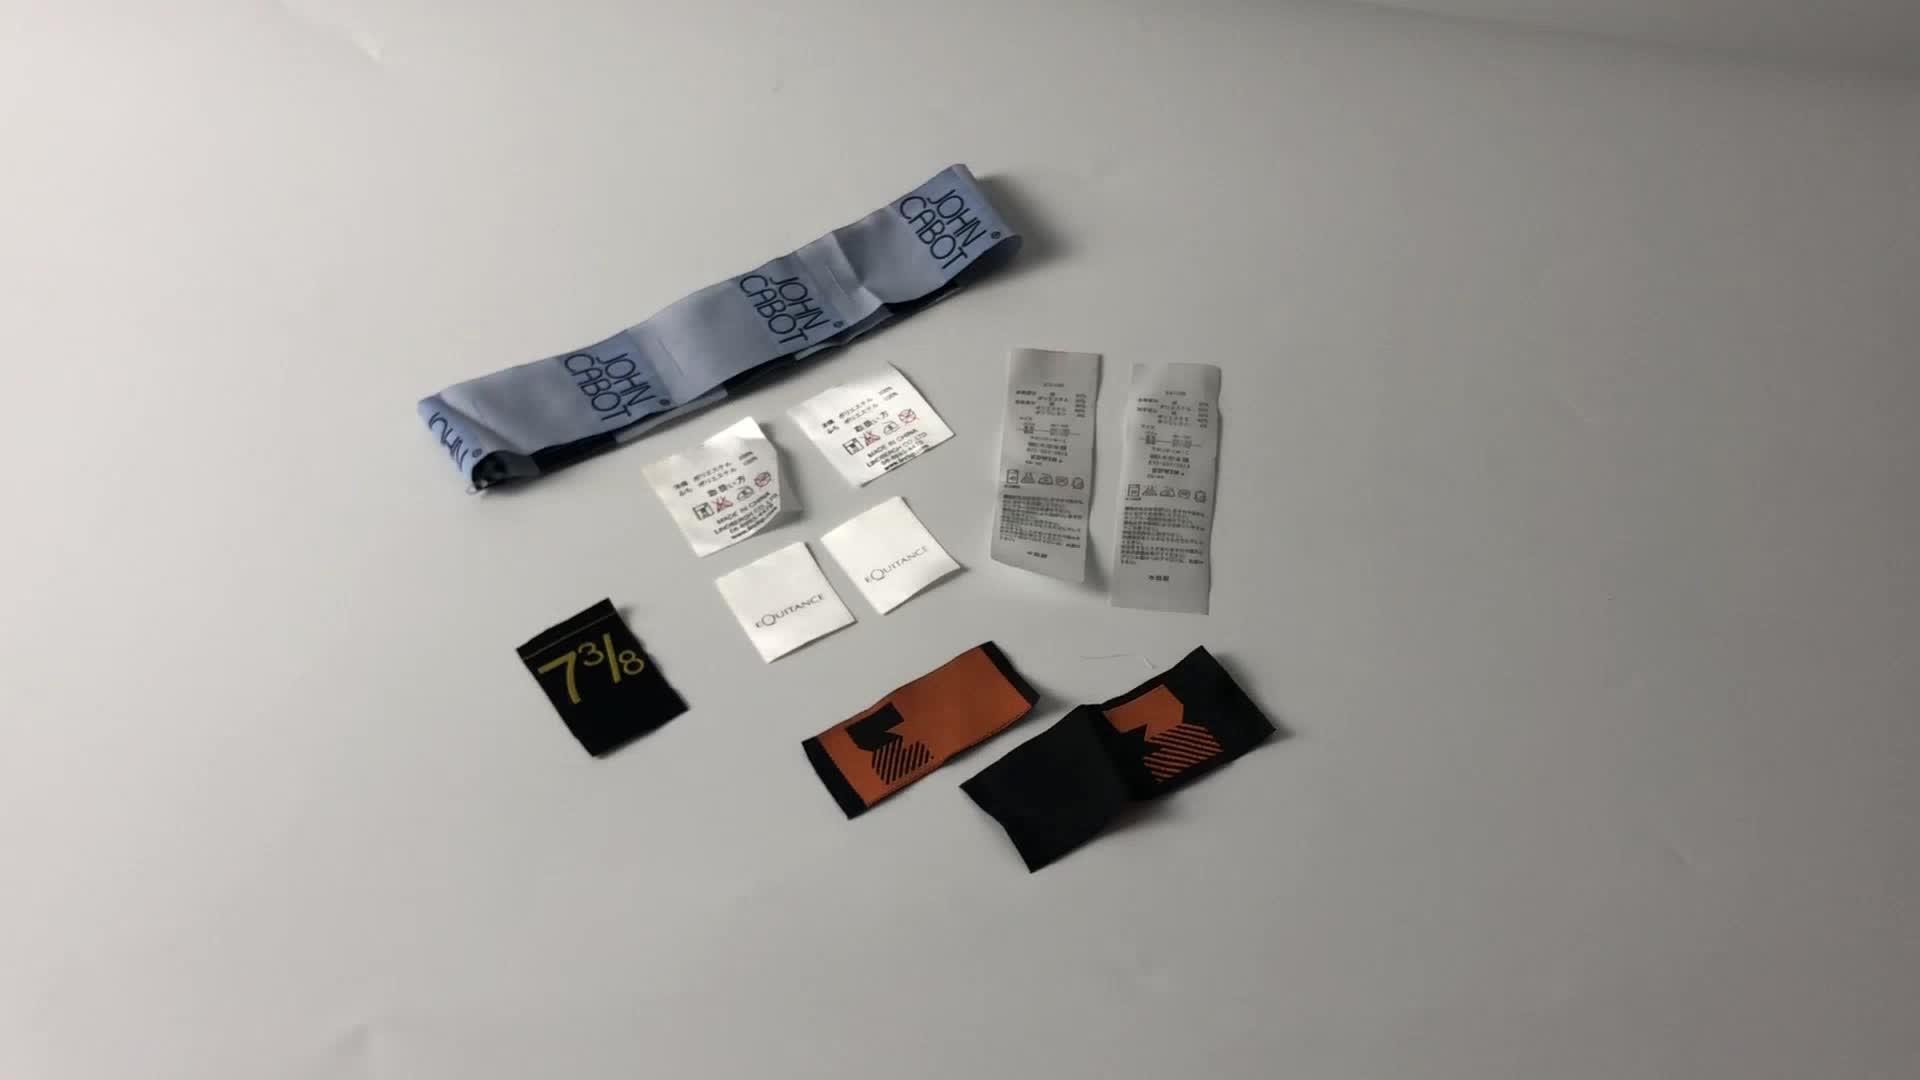 Dokuma etiketler asmalı özeletiketler konfeksiyon kumaş yıkama bakım marka logosu etiketleri